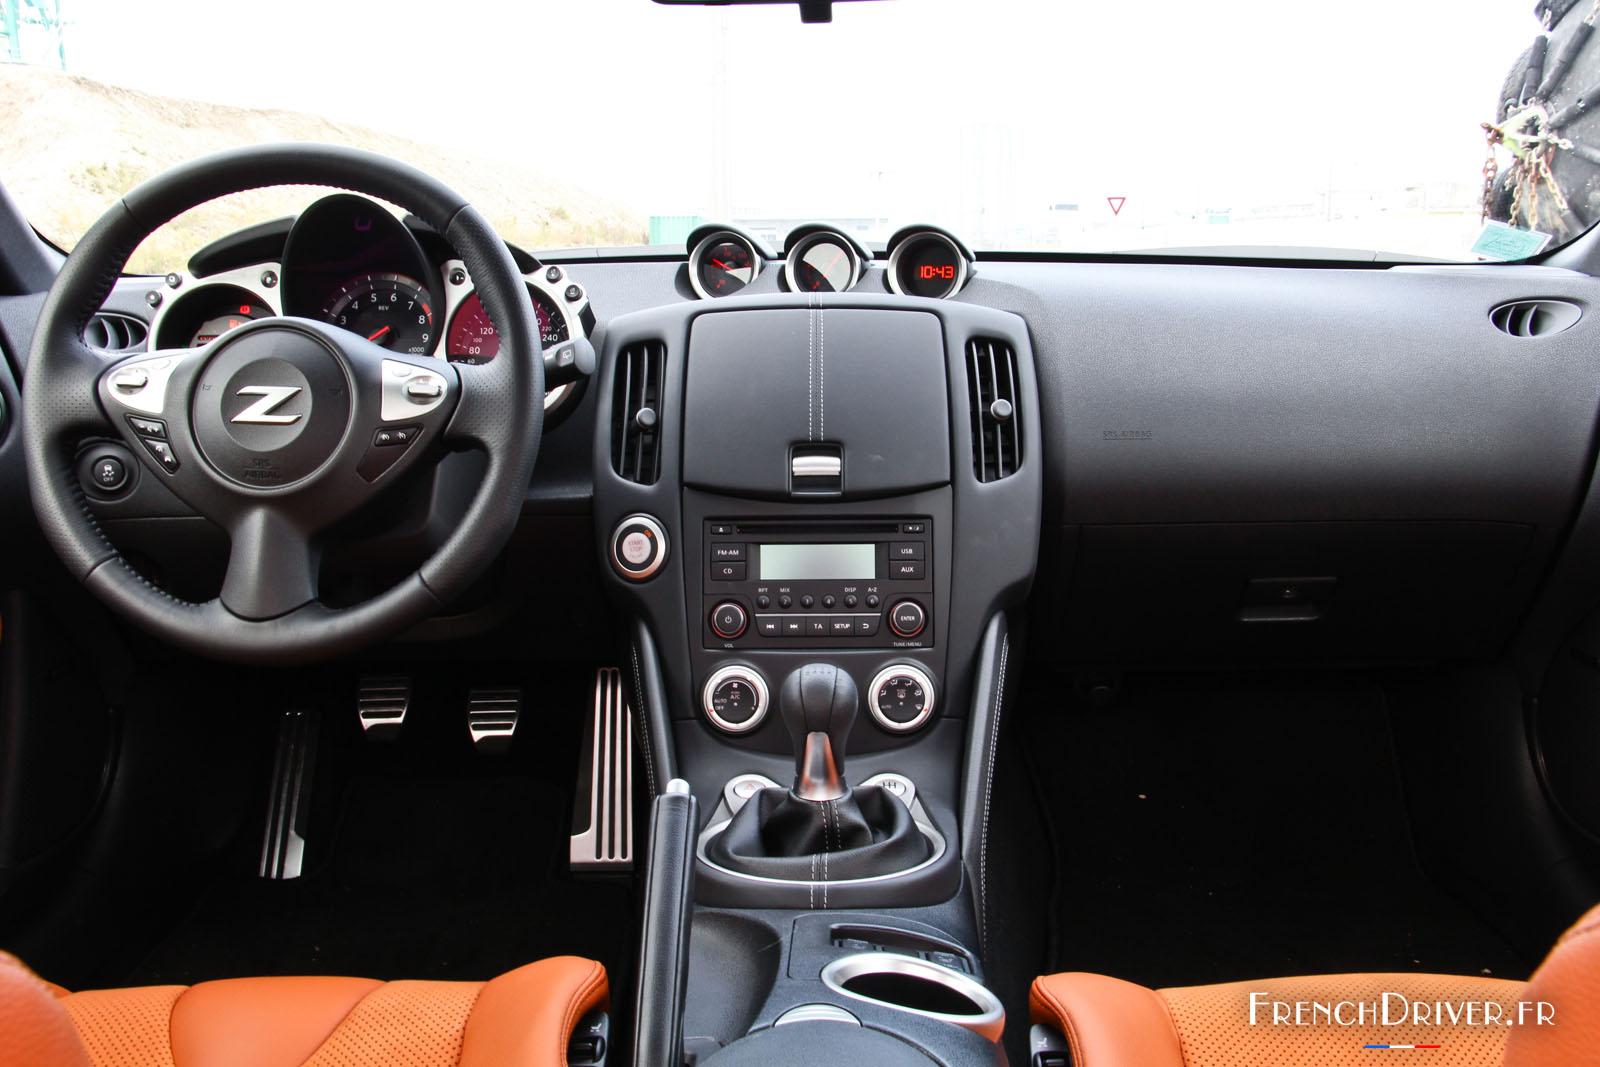 Essai De La Nissan 370z Le Plaisir Avant Tout French Driver